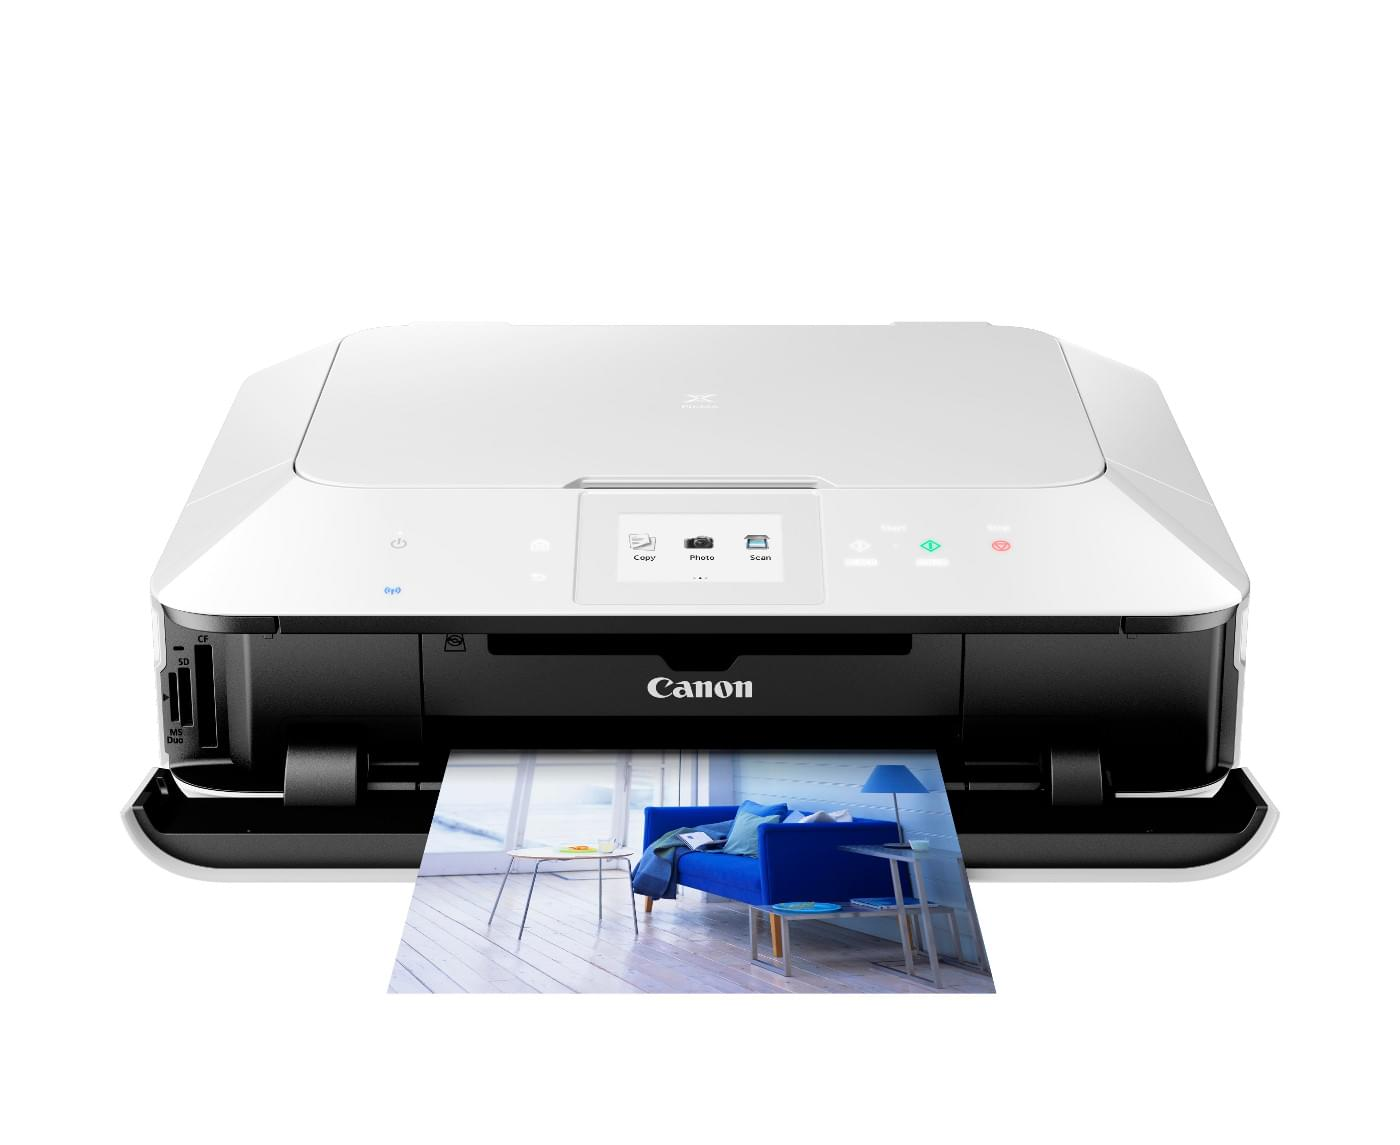 Imprimante multifonction Canon PIXMA MG6350 Blanche - Cybertek.fr - 0